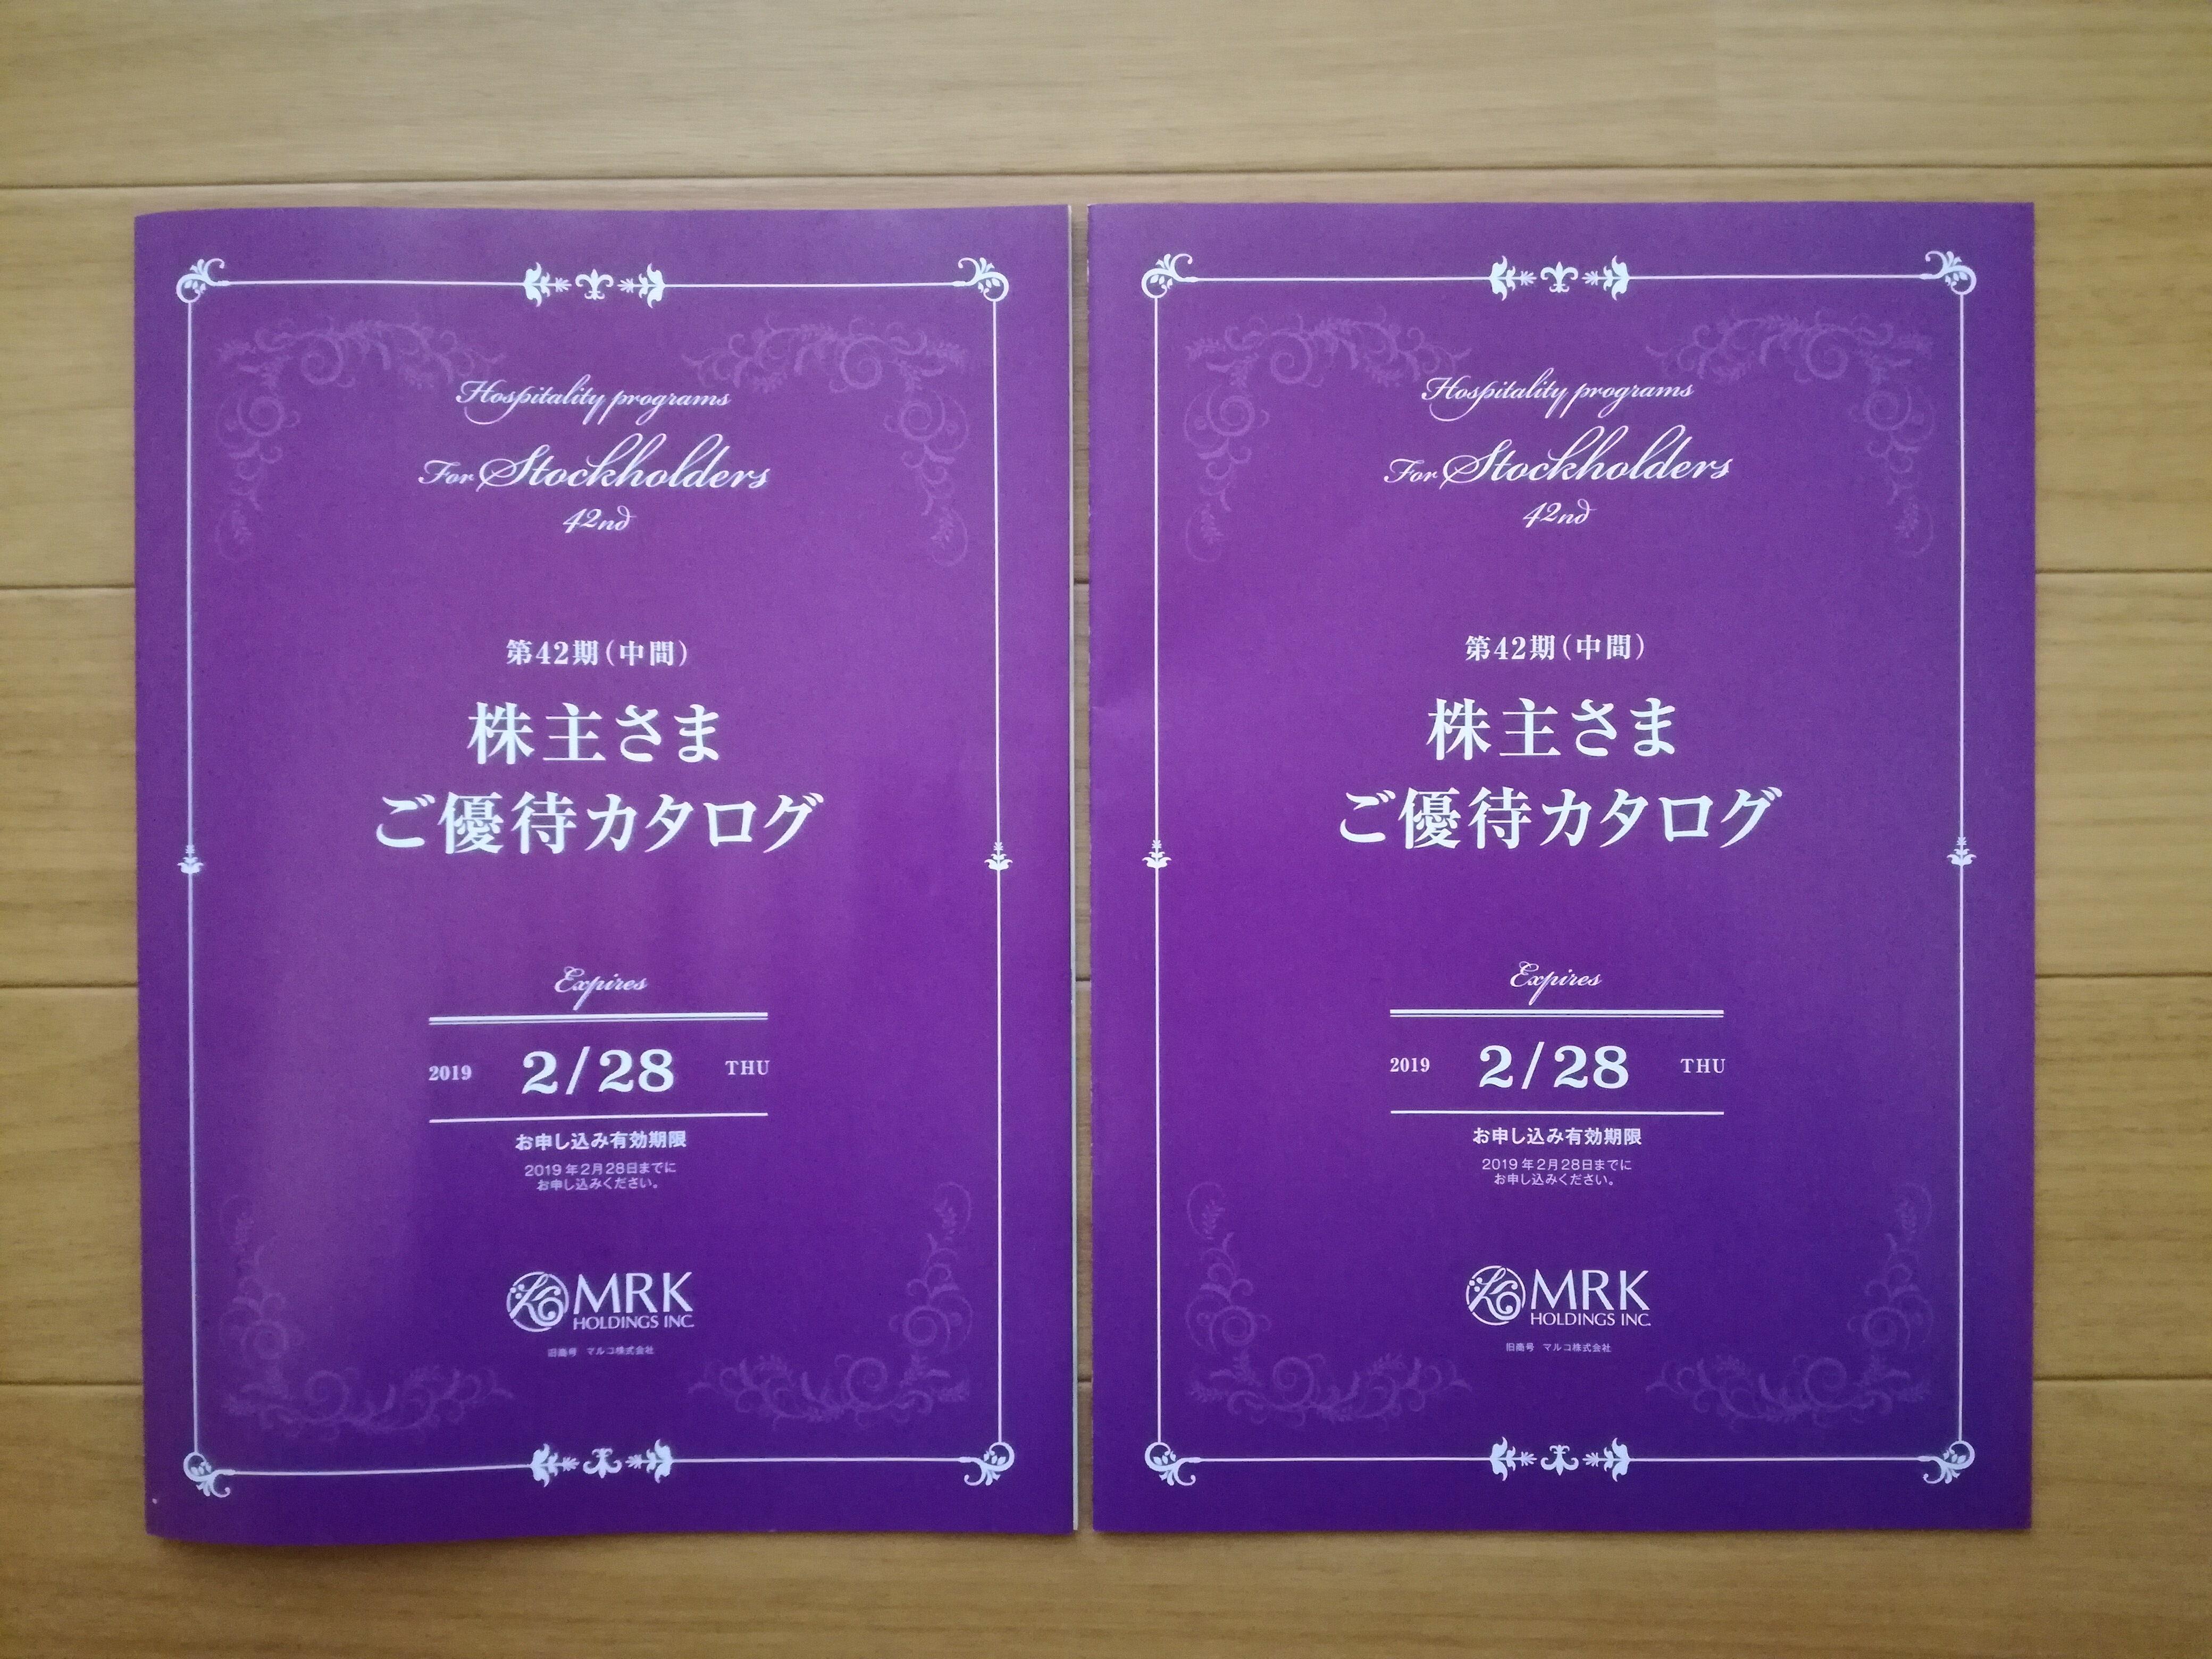 10万円以上の含み損に苦しむマルコあらためMRKホールディングス(9980)から株主優待カタログが到着!